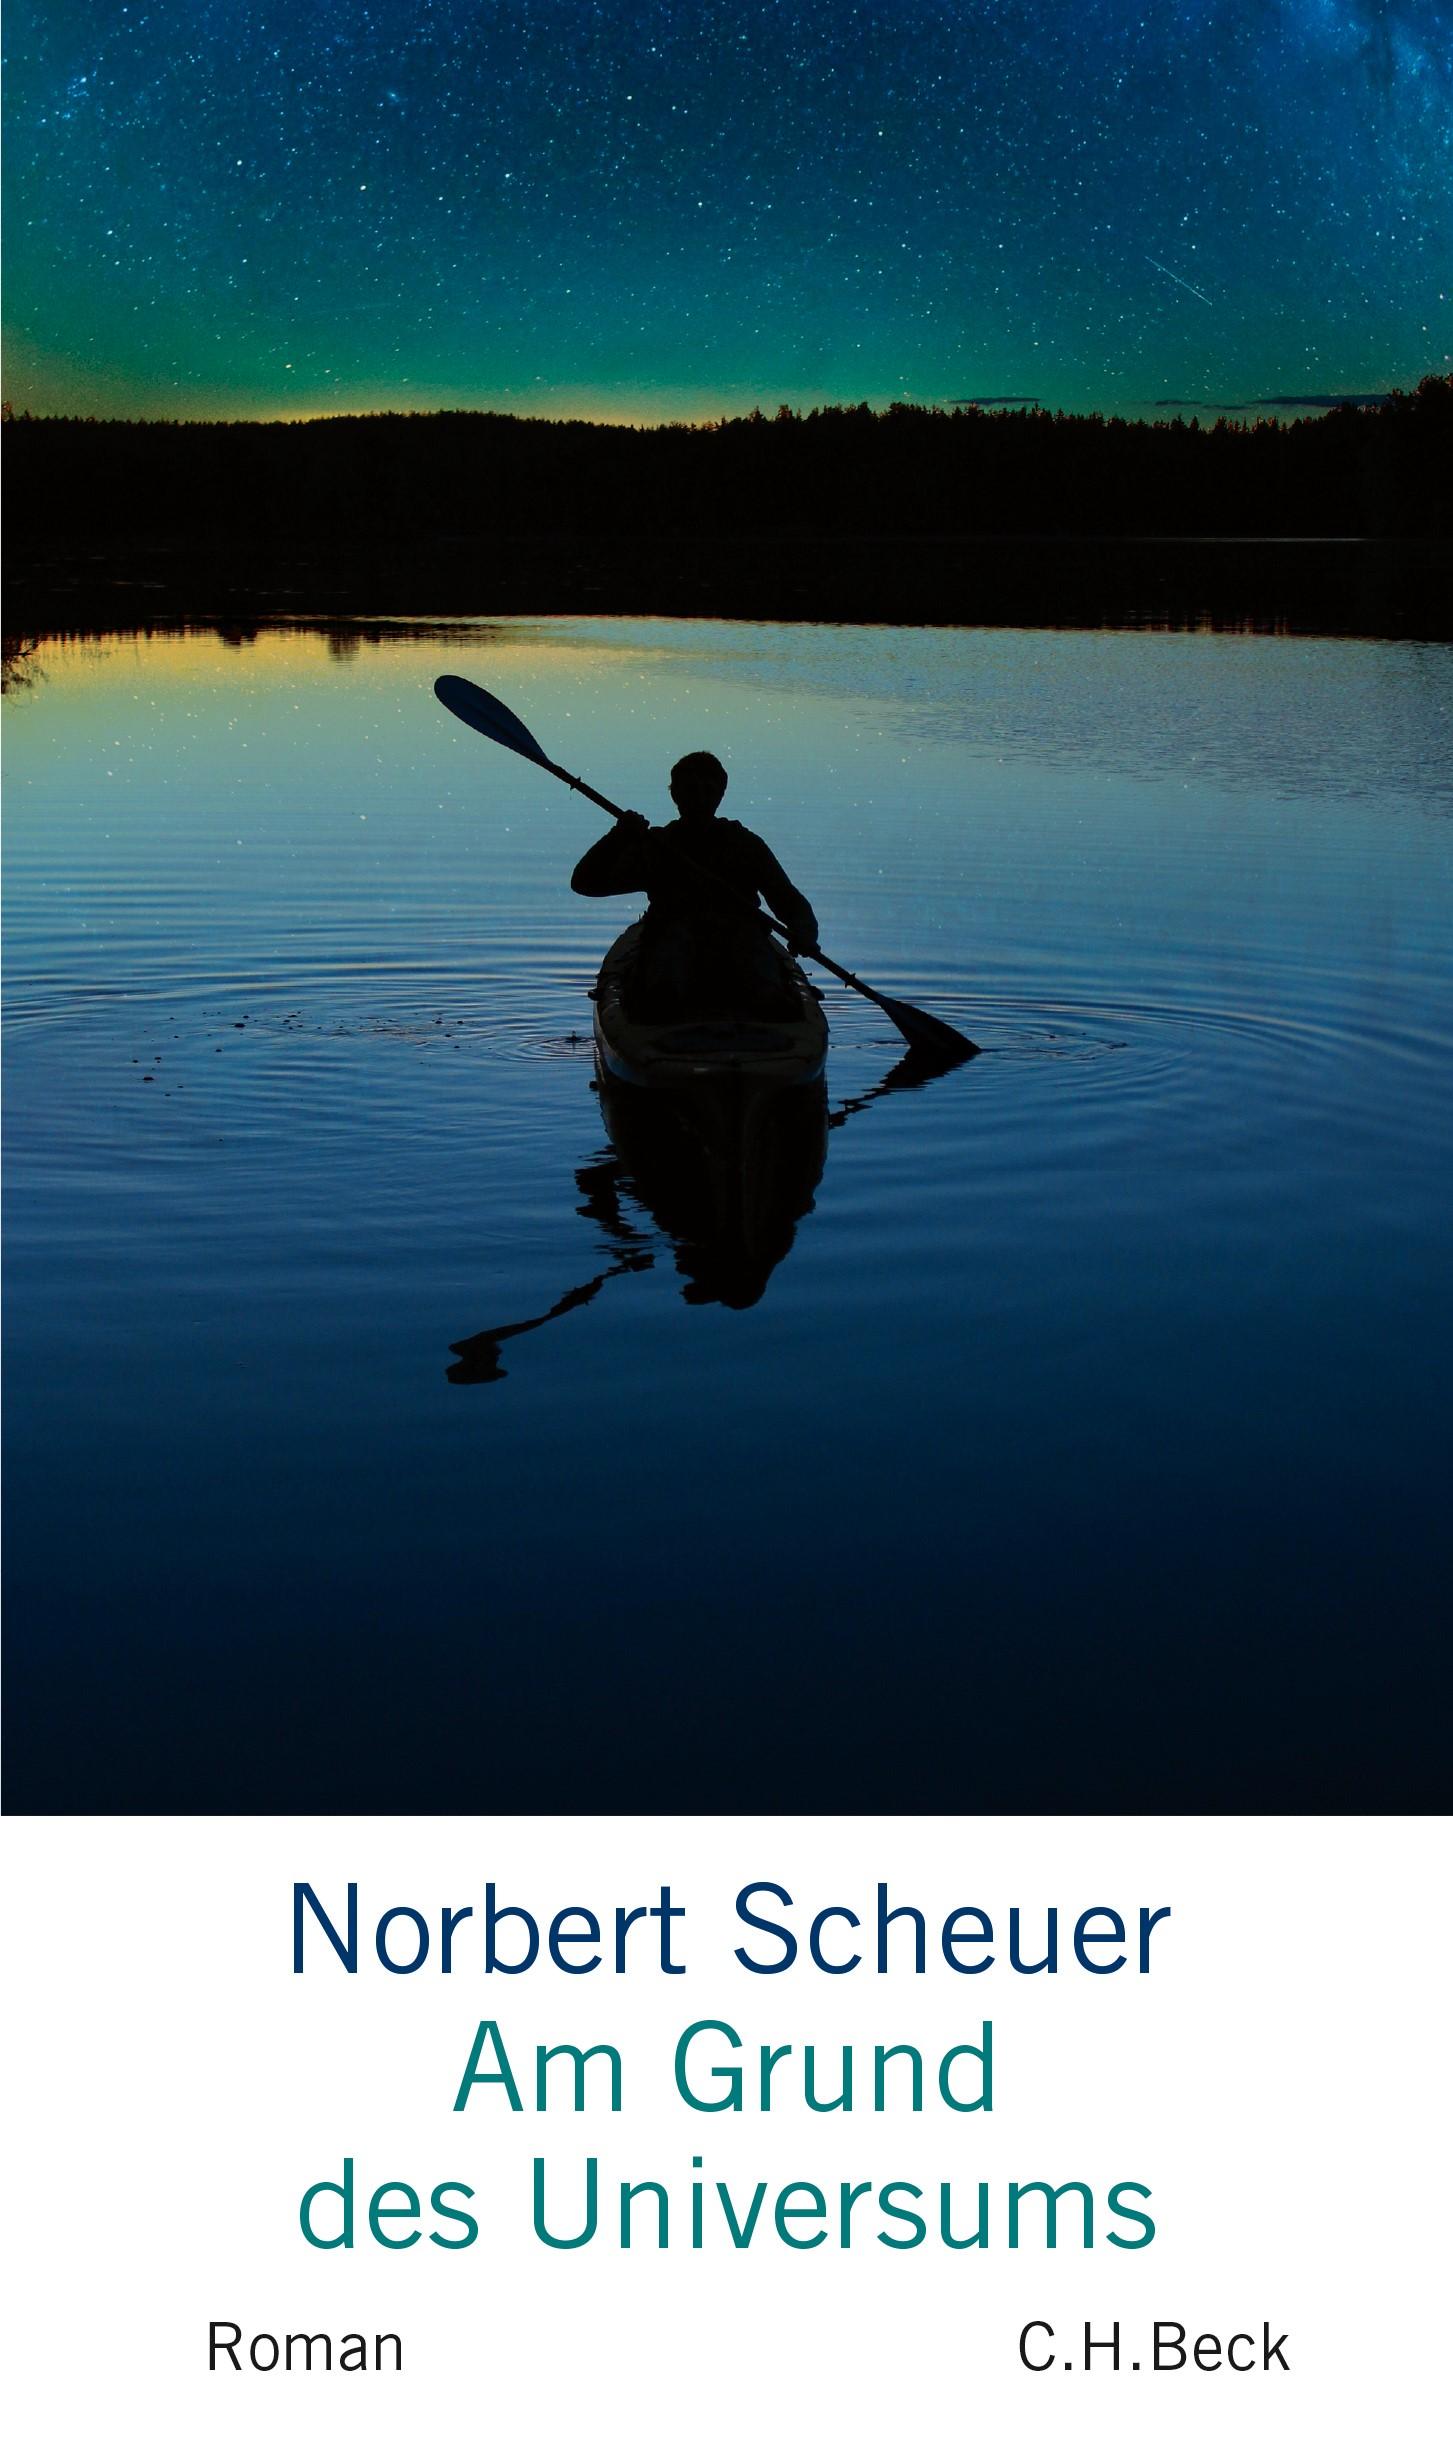 Am Grund des Universums | Scheuer, Norbert, 2017 | Buch (Cover)